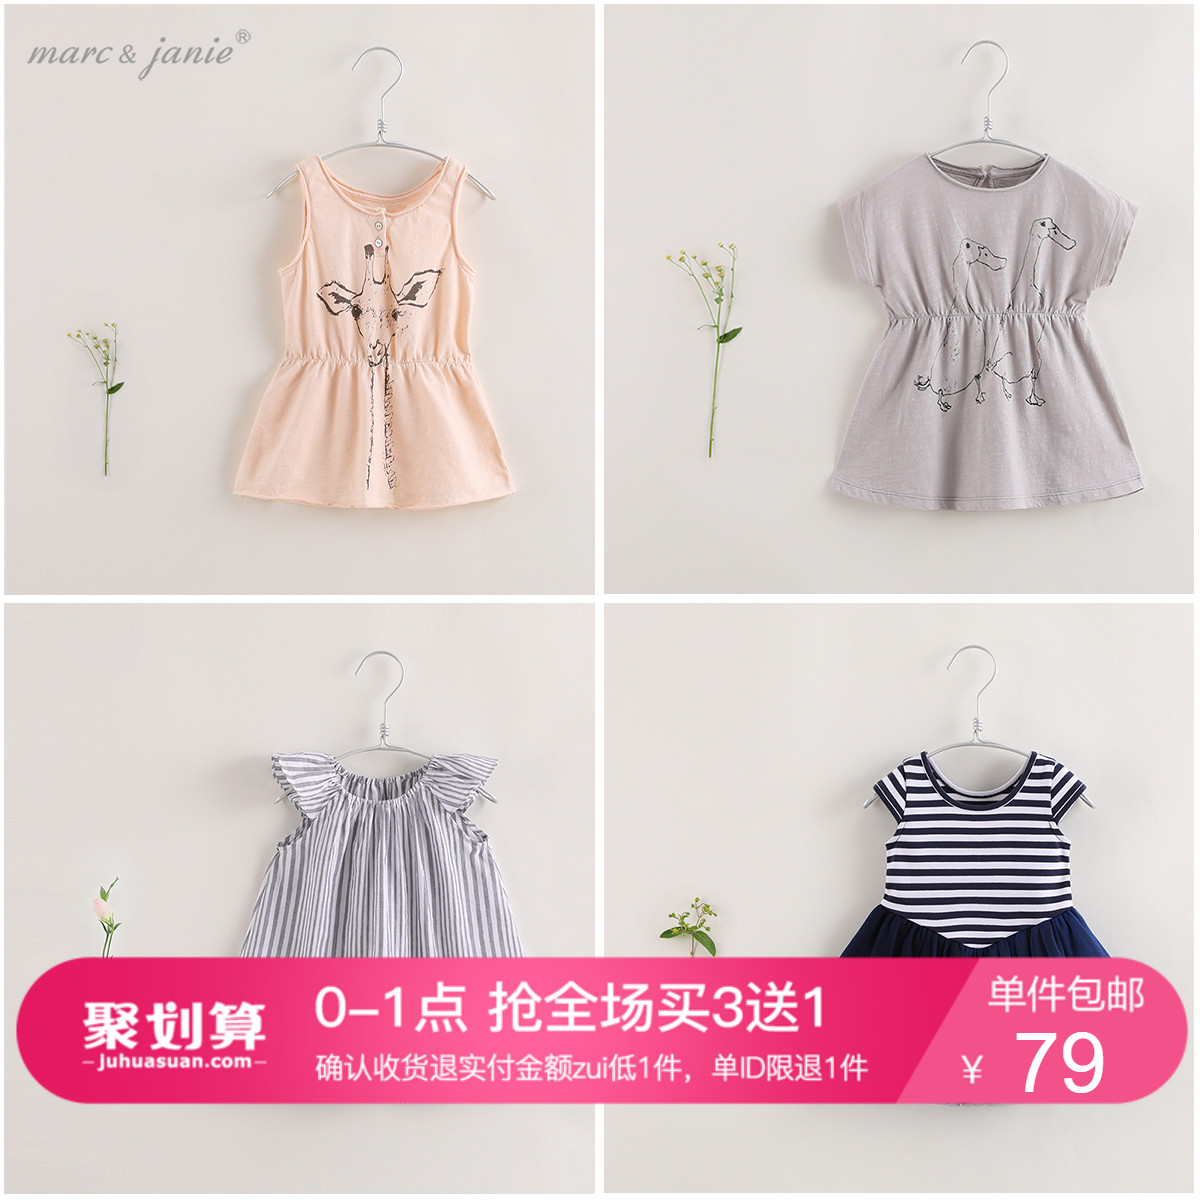 【打折】【马克珍妮法式系列】宝宝裙子79.00元包邮